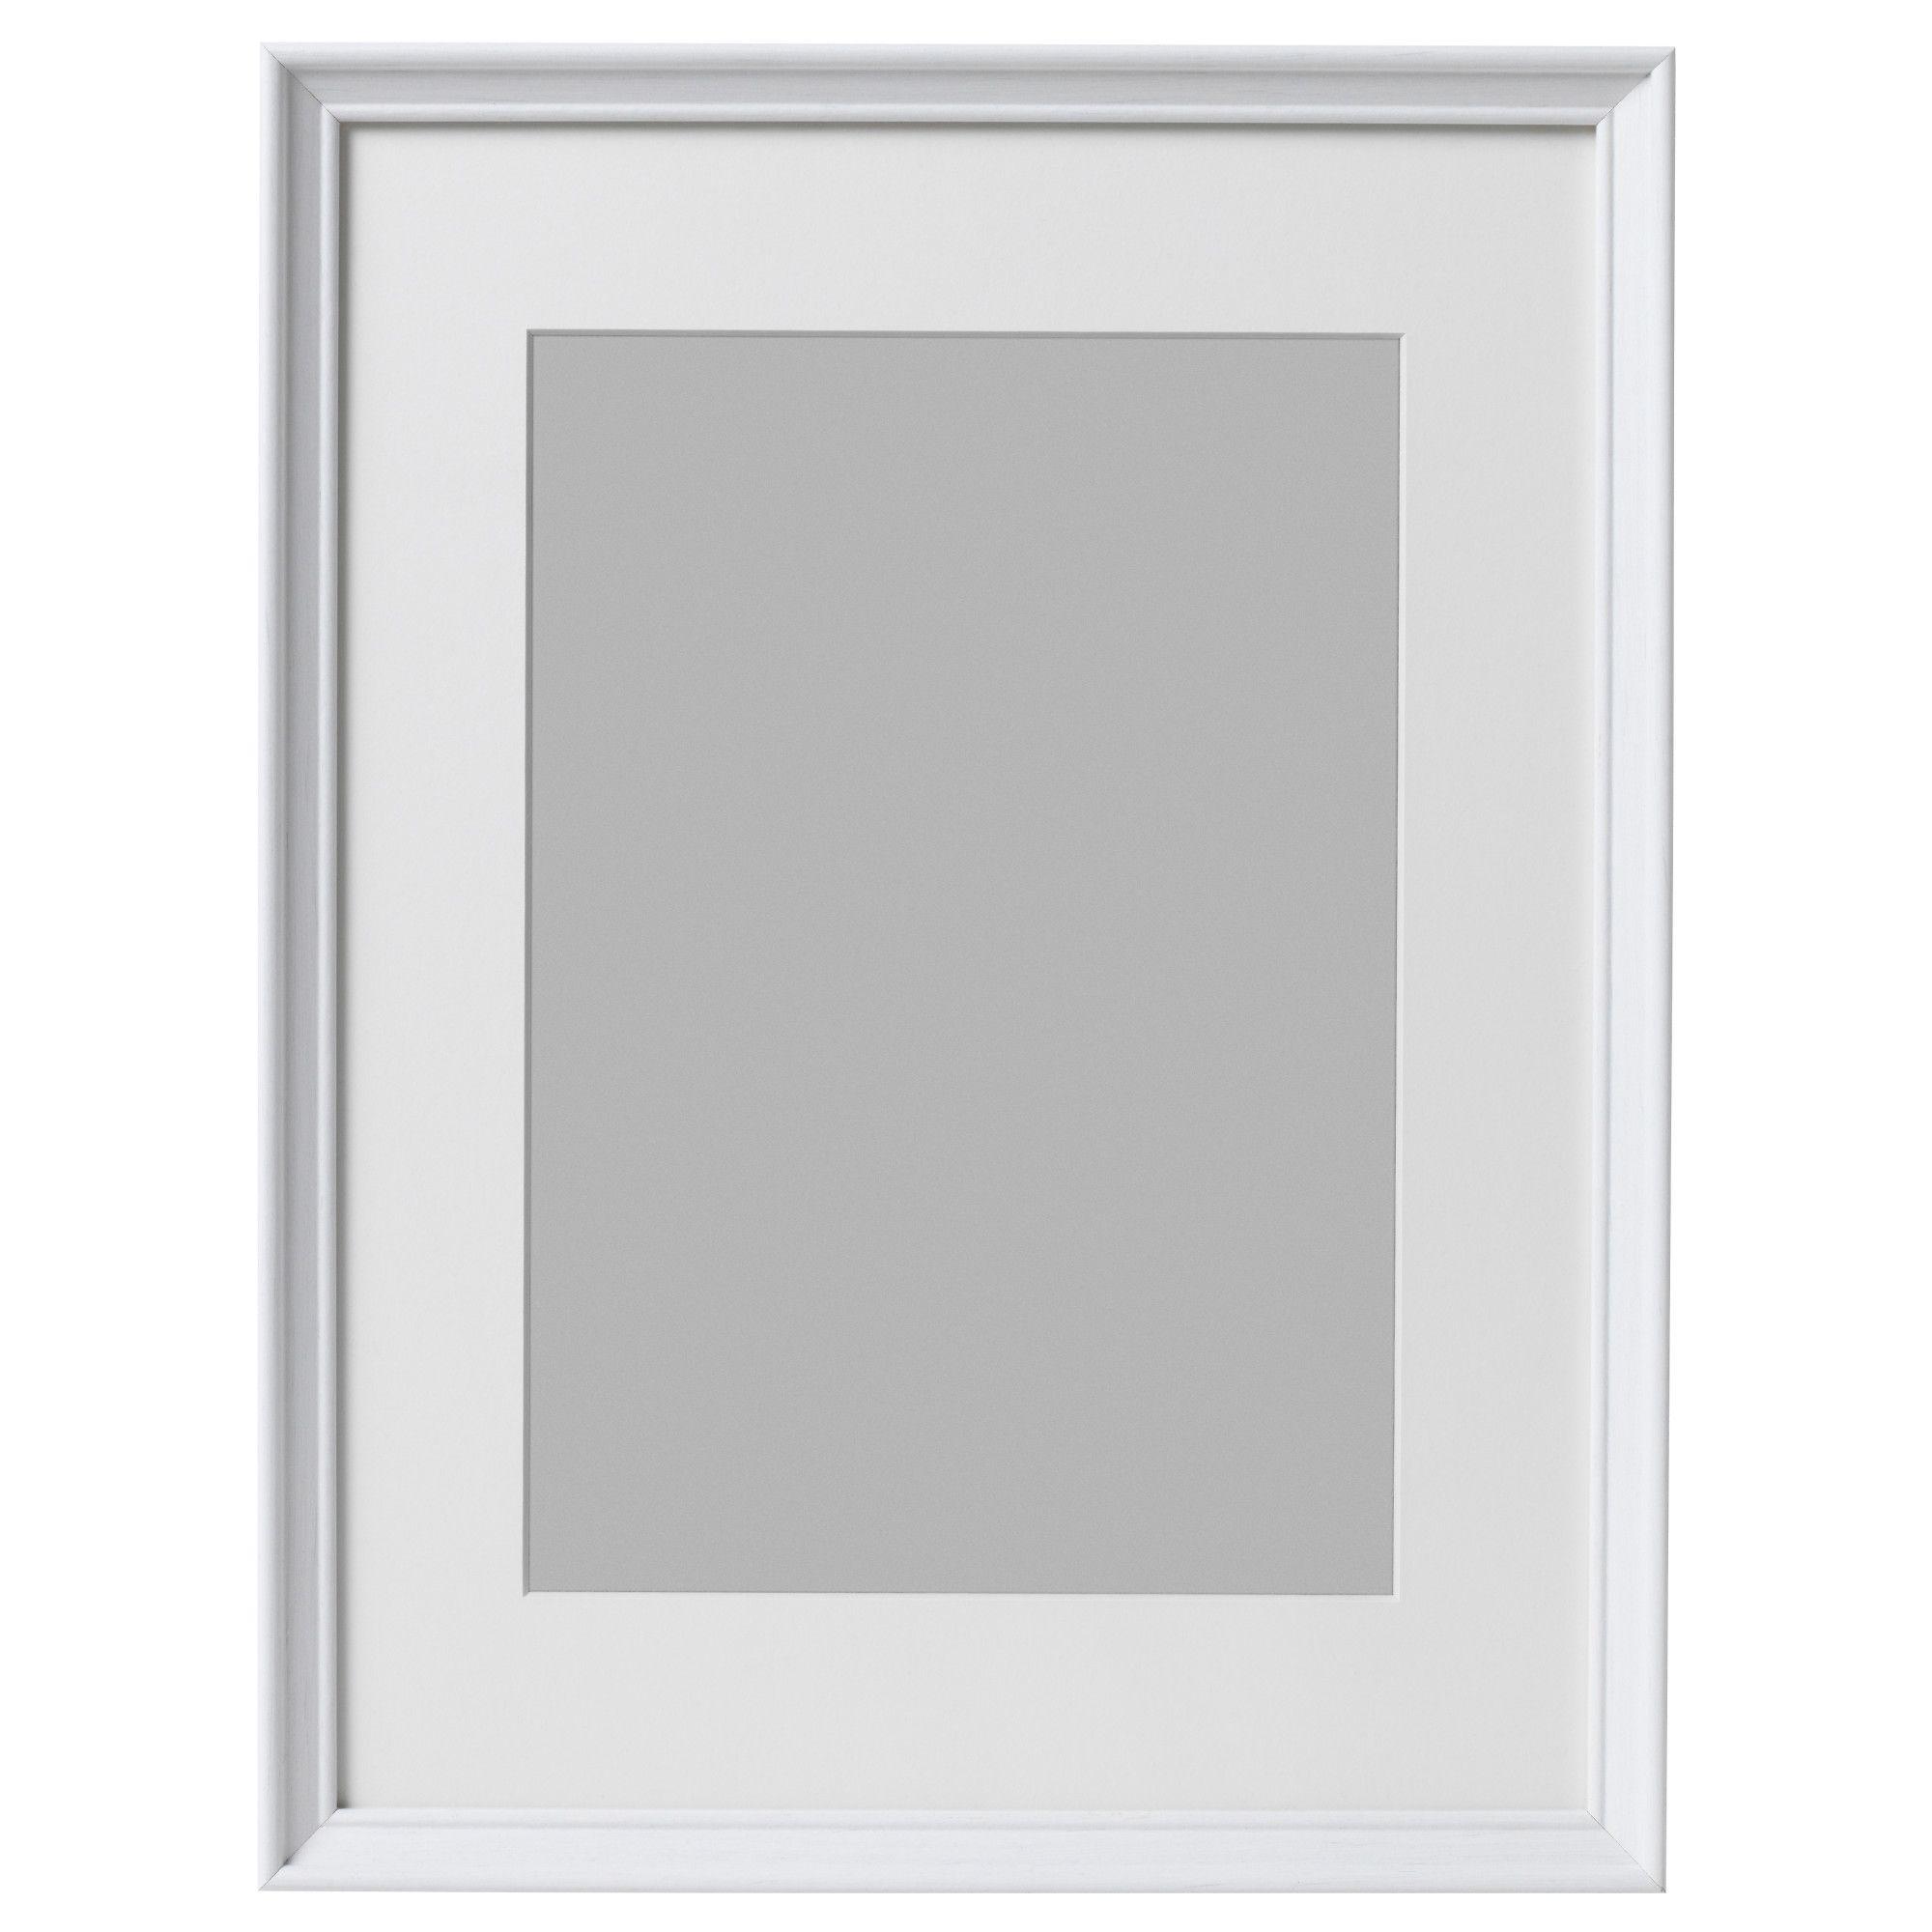 KNOPPÄNG Frame, white stained   Rahmen dekoration, Rahmen und Medium